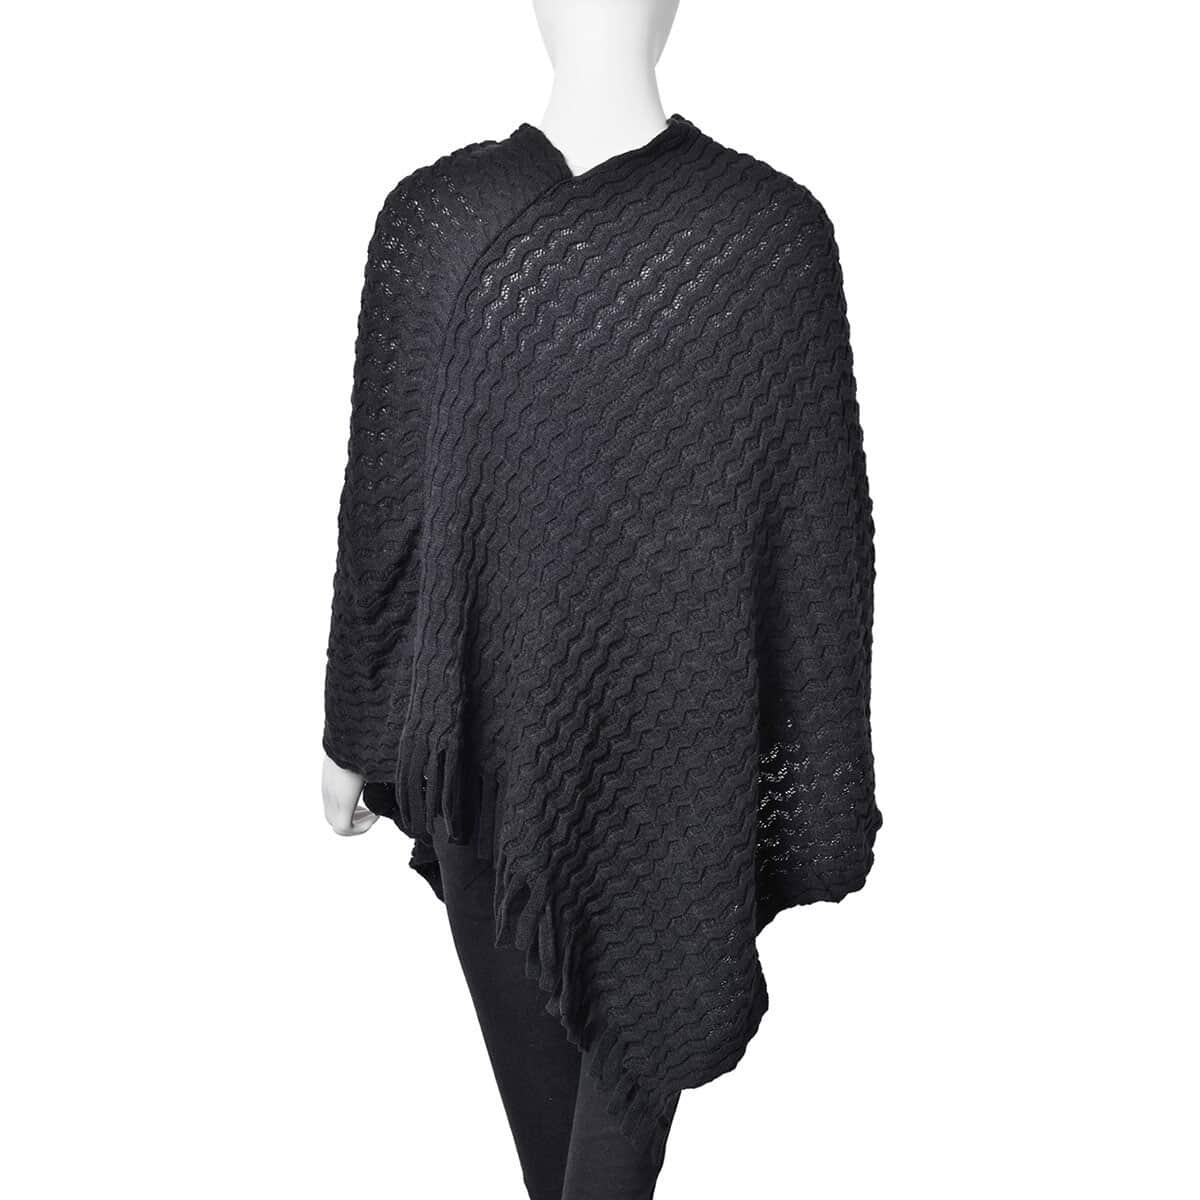 Black 100% Acrylic Wavy Knitted V-Shape Poncho With Fringes (One Size)